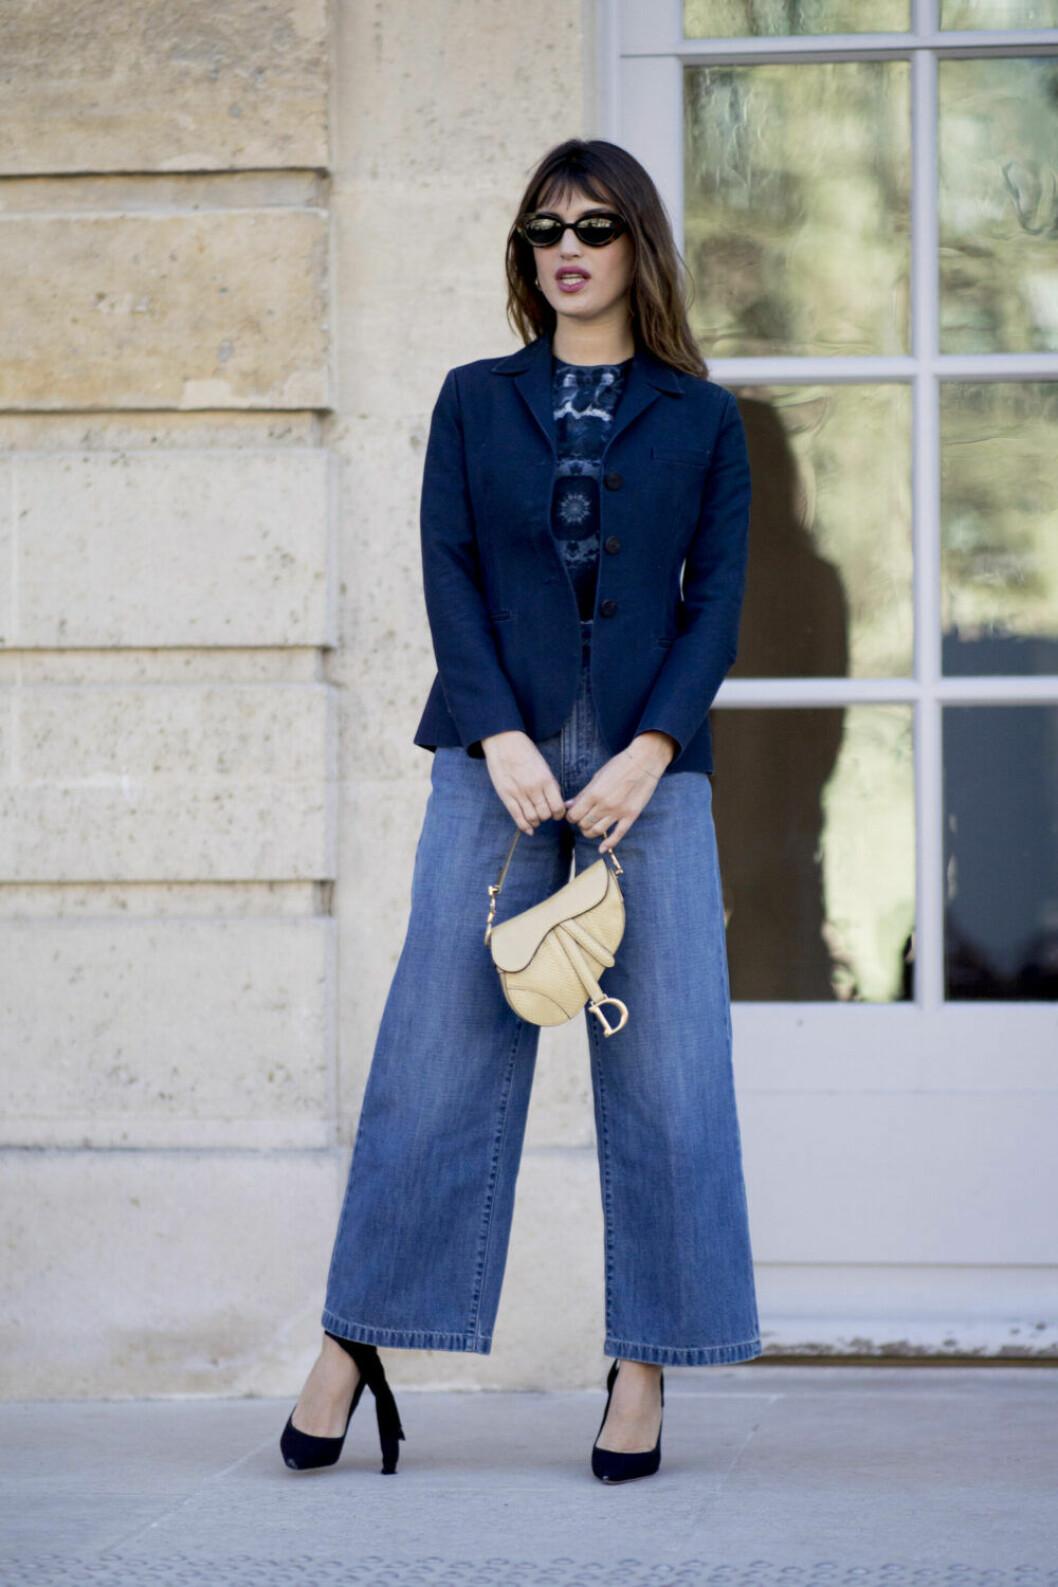 Streetstyle Paris FW, kvinna i jeans och väska från Dior.